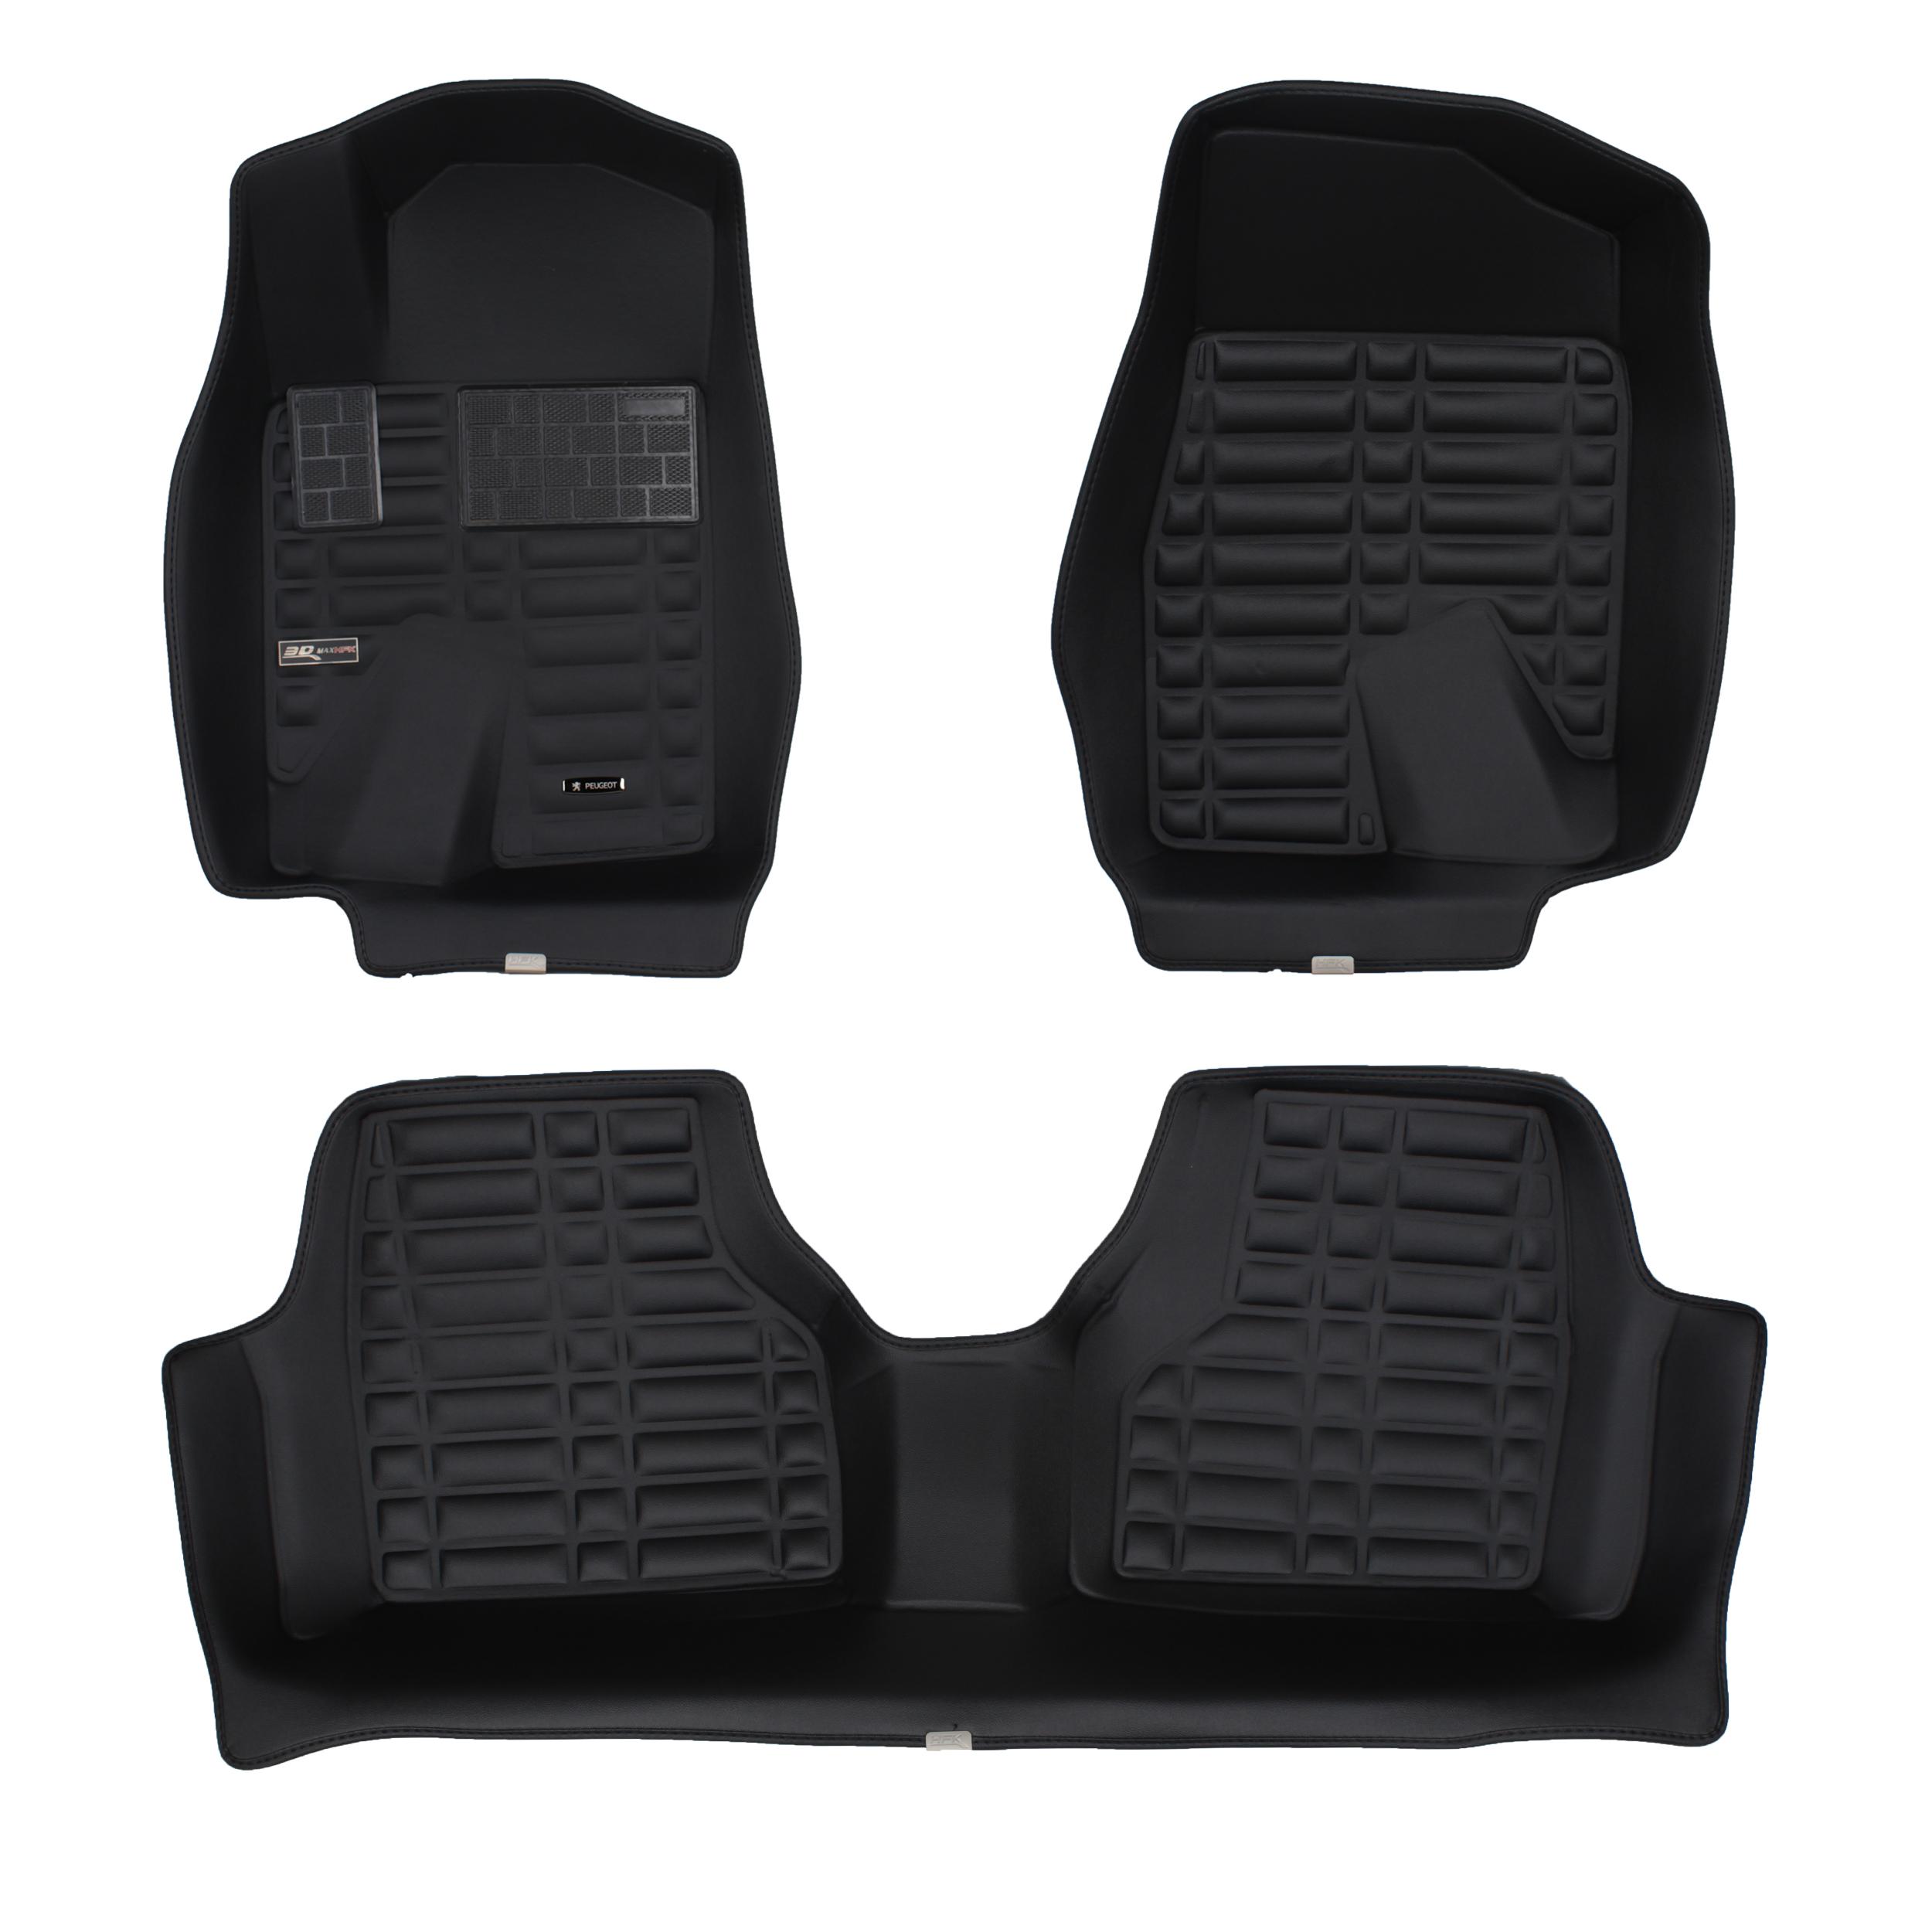 کفپوش سه بعدی خودرو تری دی مکس اچ اف کی مدل HS123151مناسب  برای پژو 405